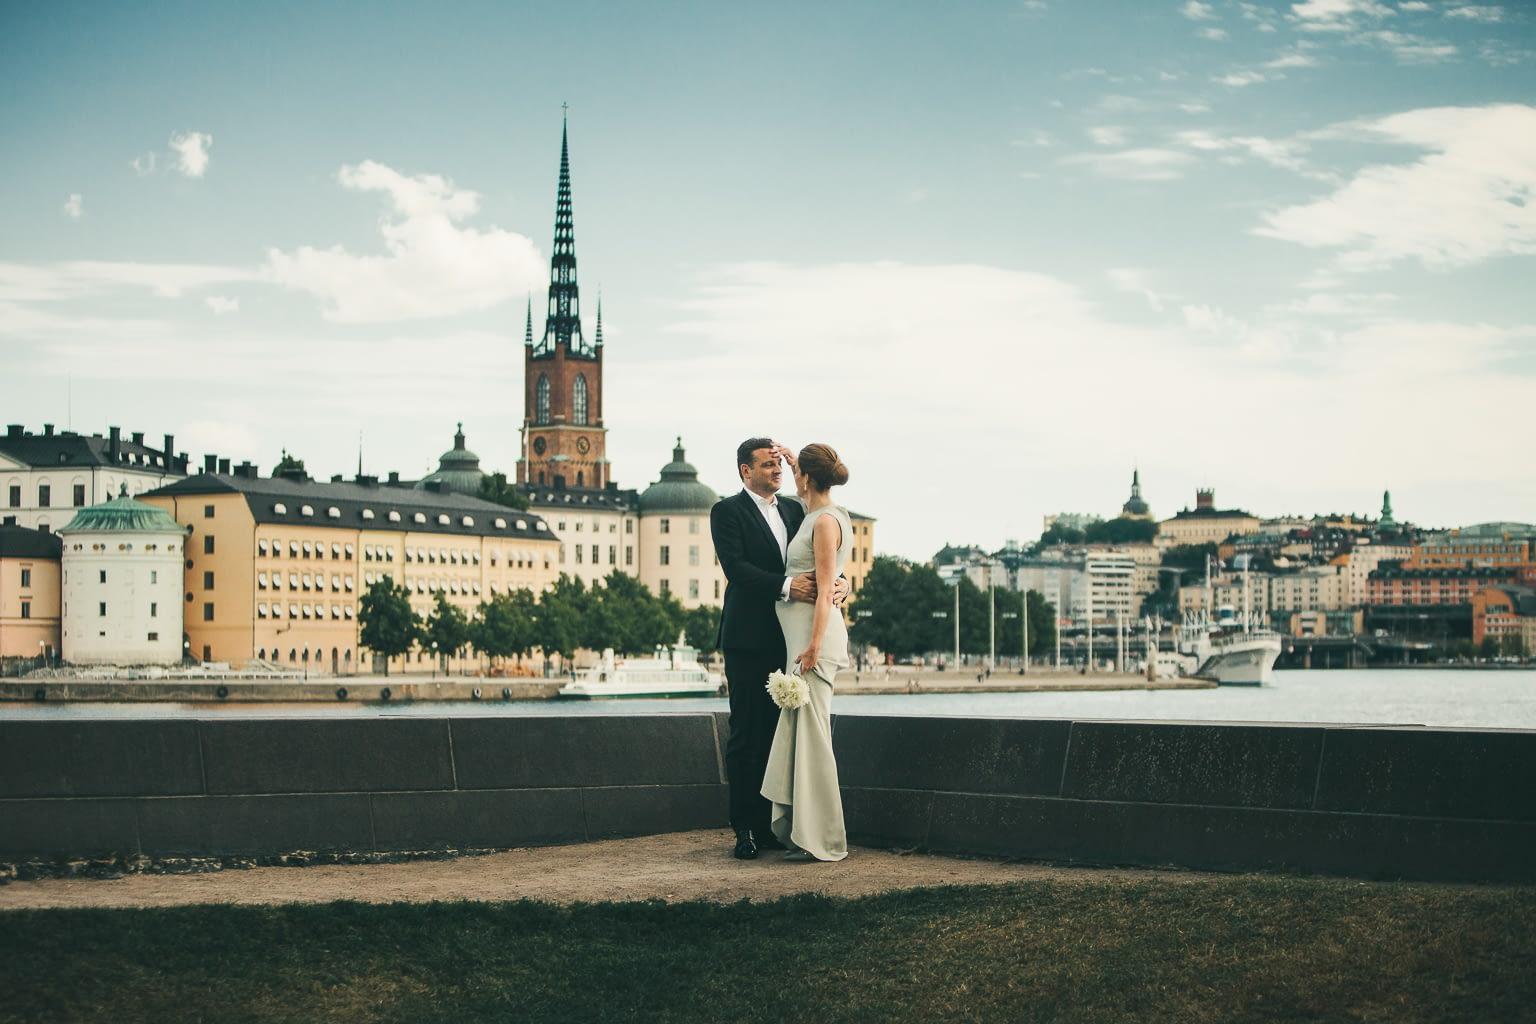 plus belle photo de mariage